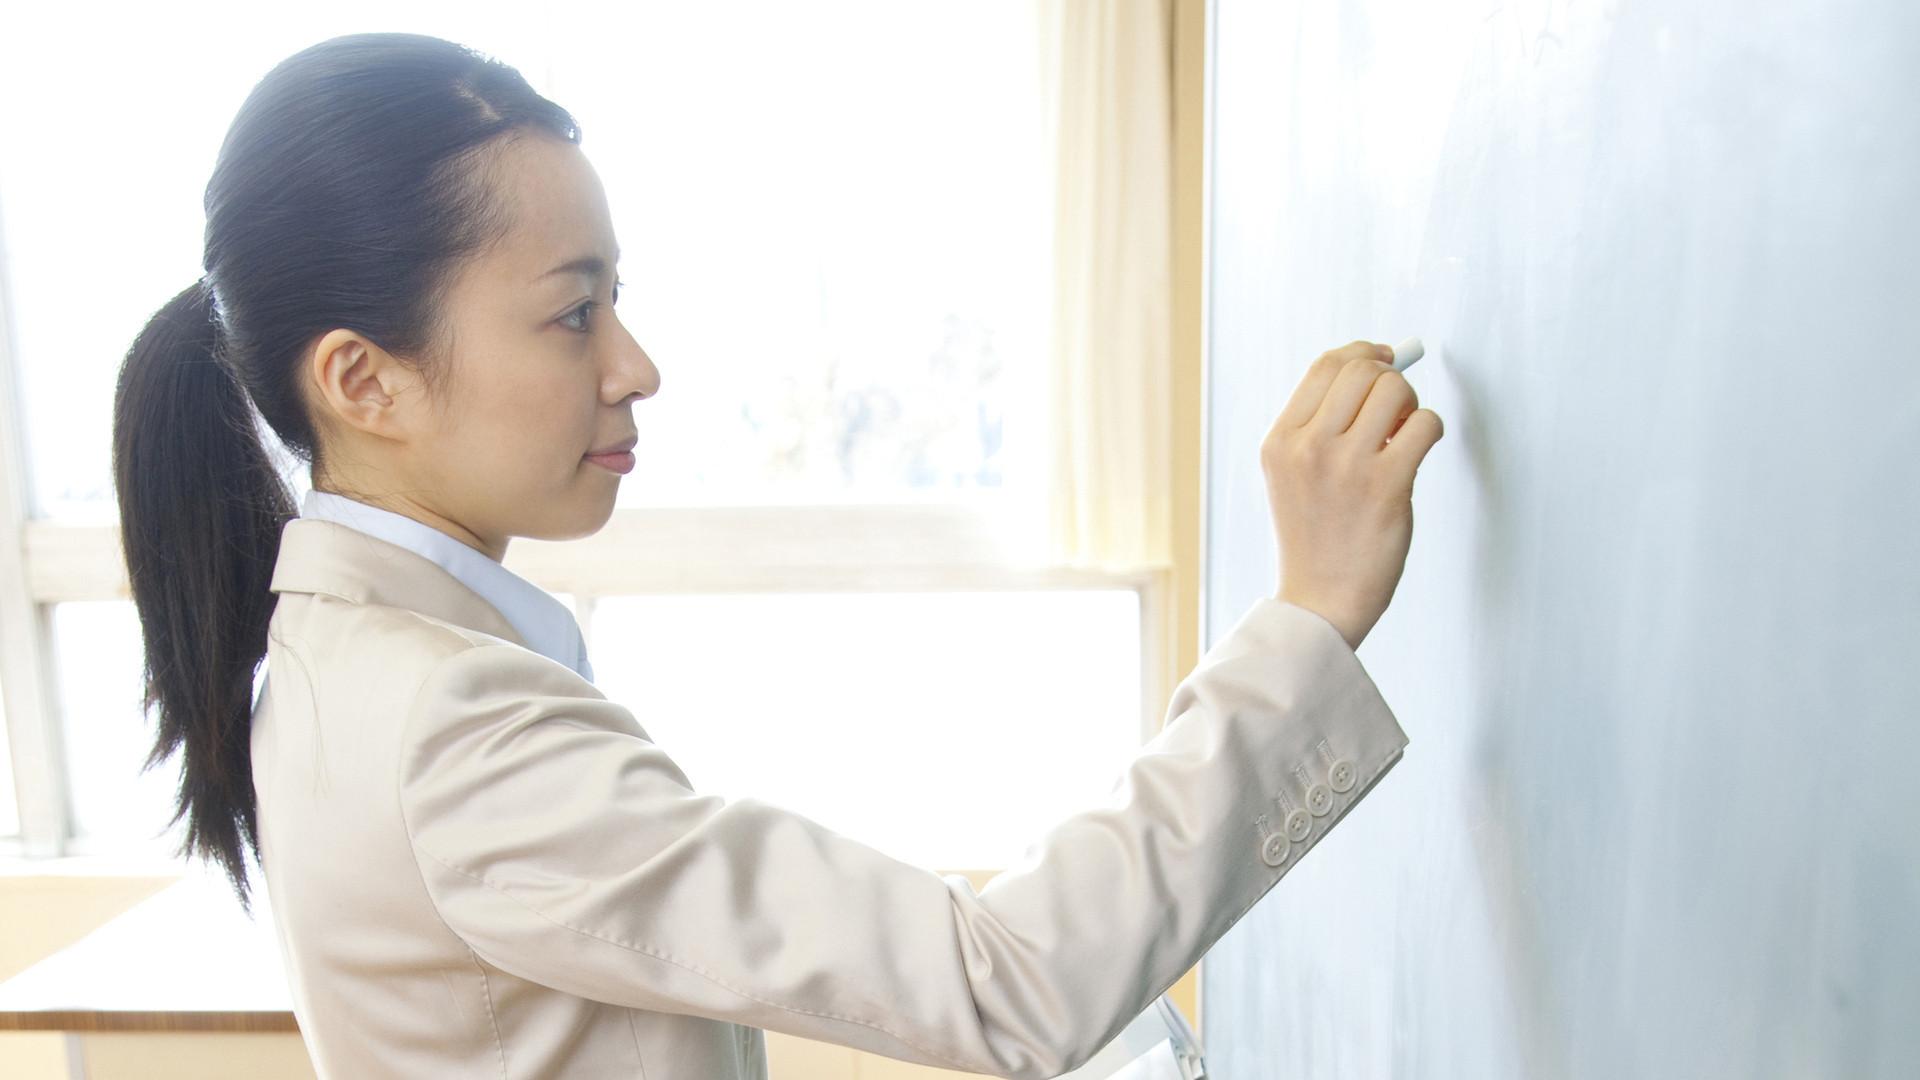 休めない日本、休めるデンマーク。先生の働き方はなぜ違う?